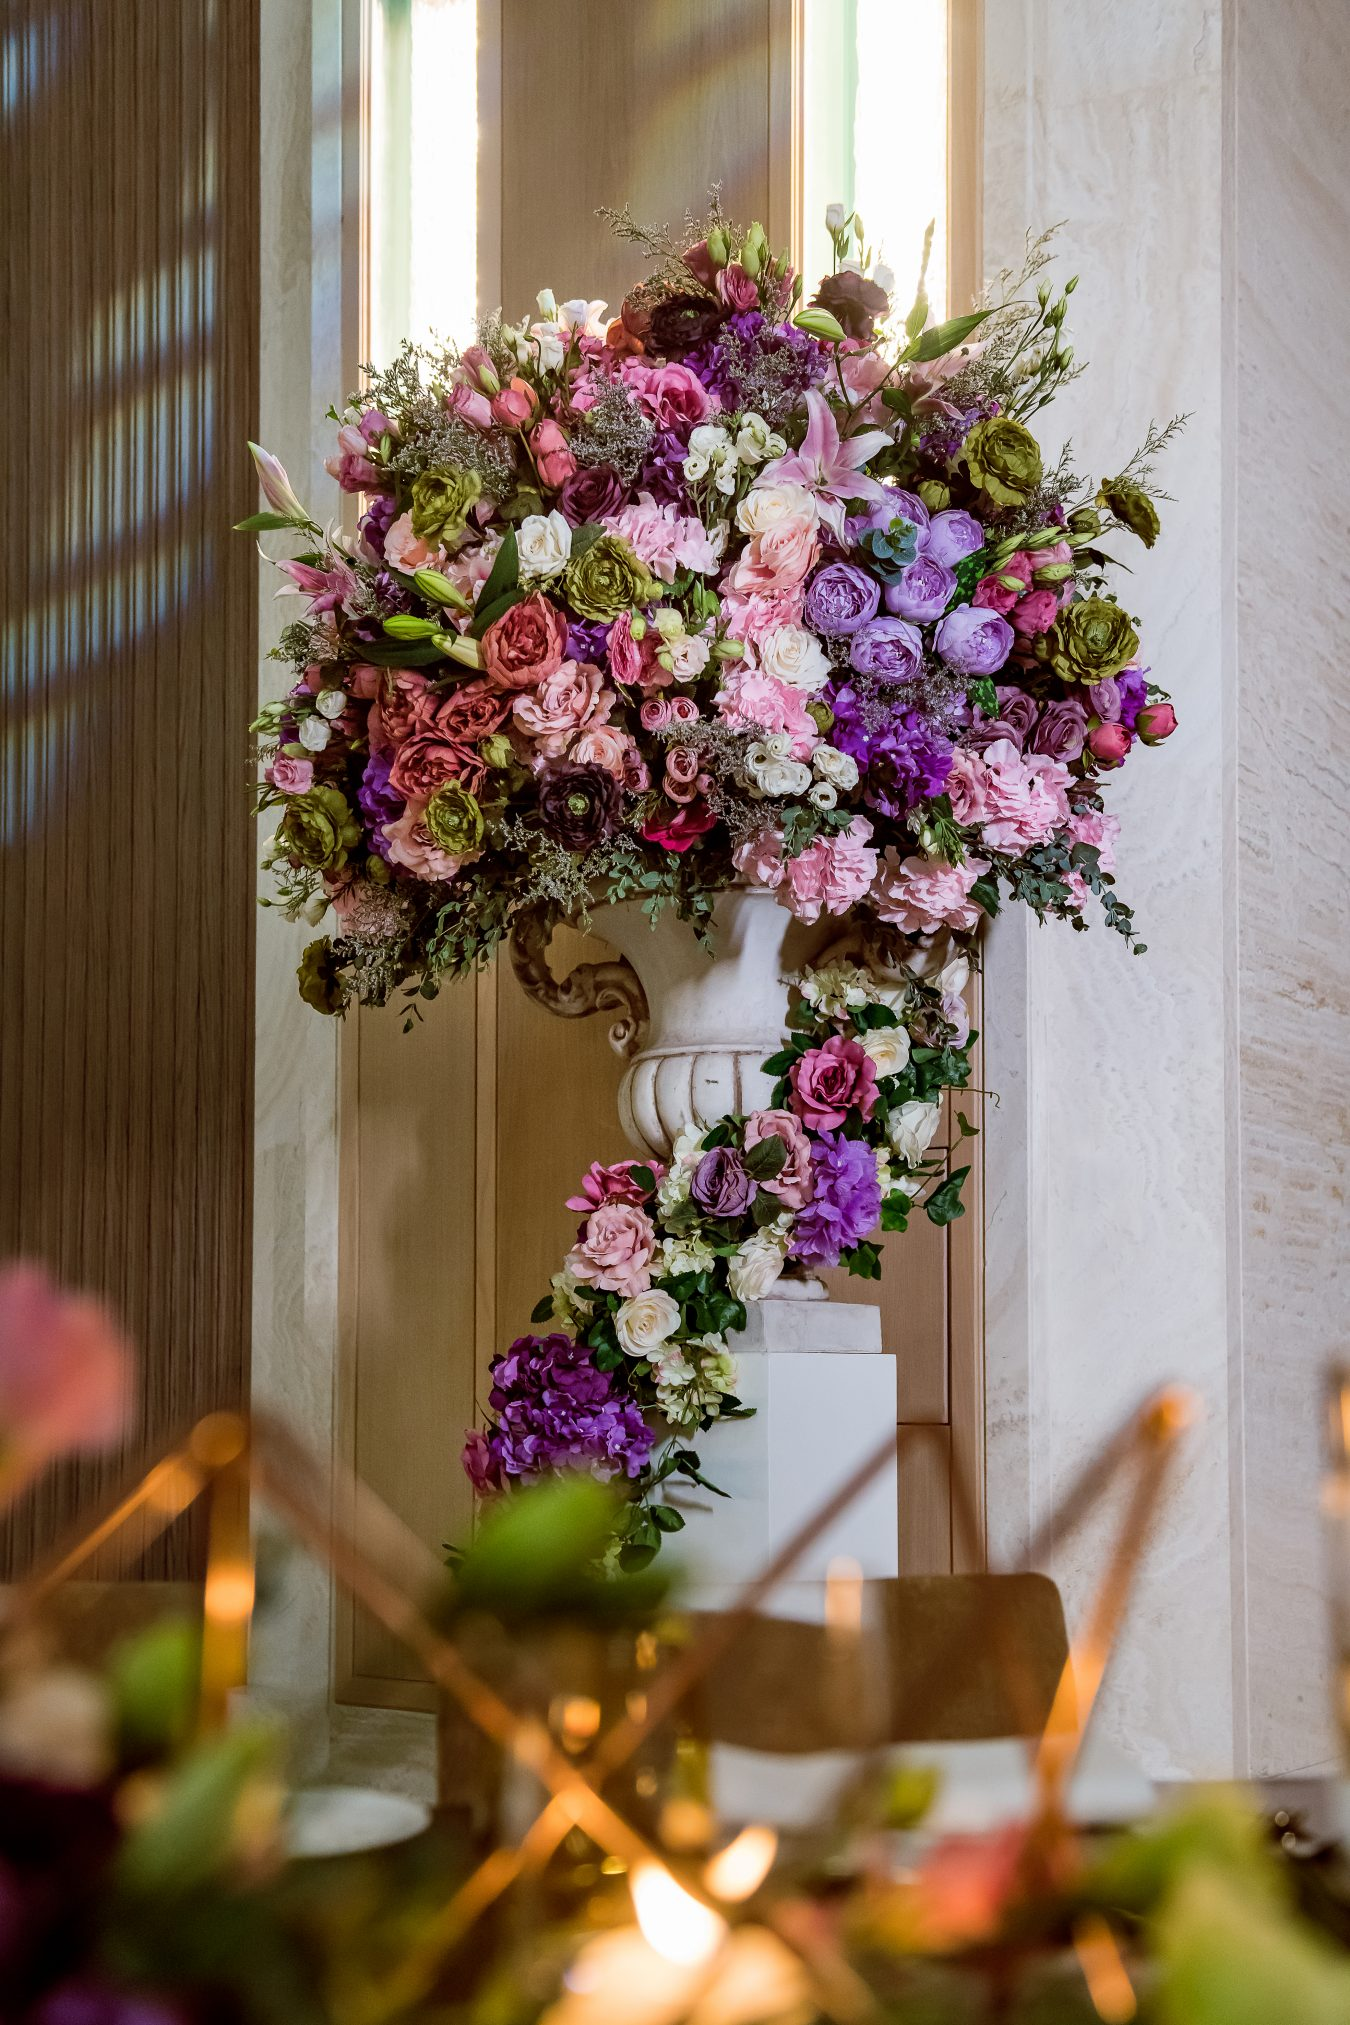 Statement flower display